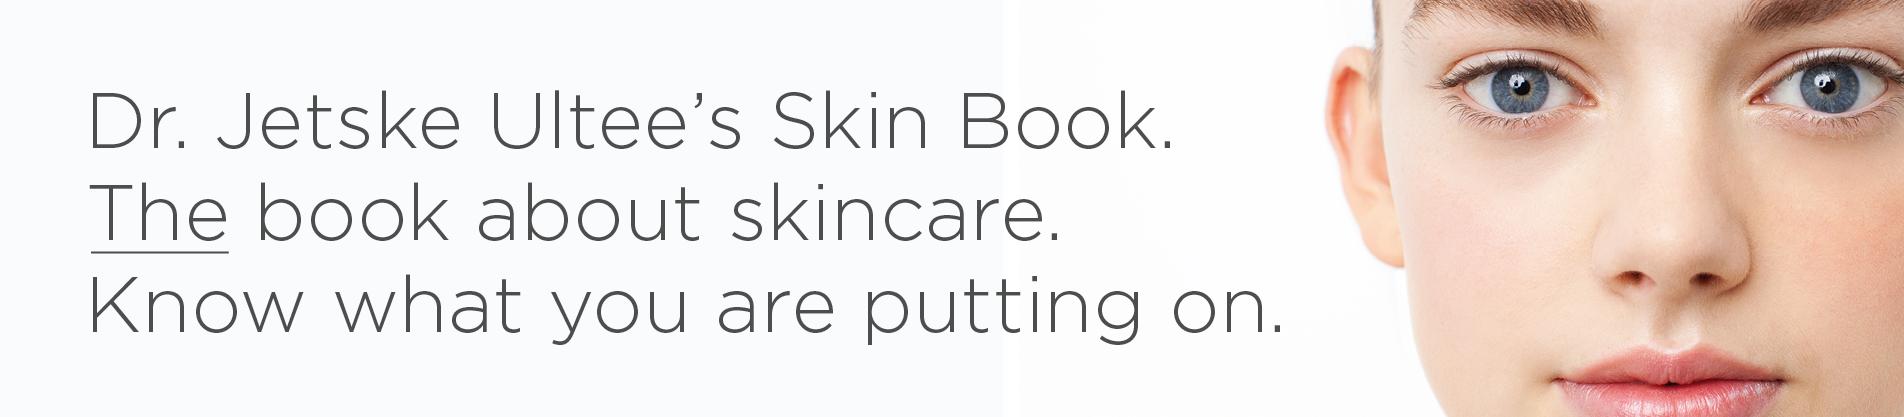 Header skin book Dr. Jetske Ultee